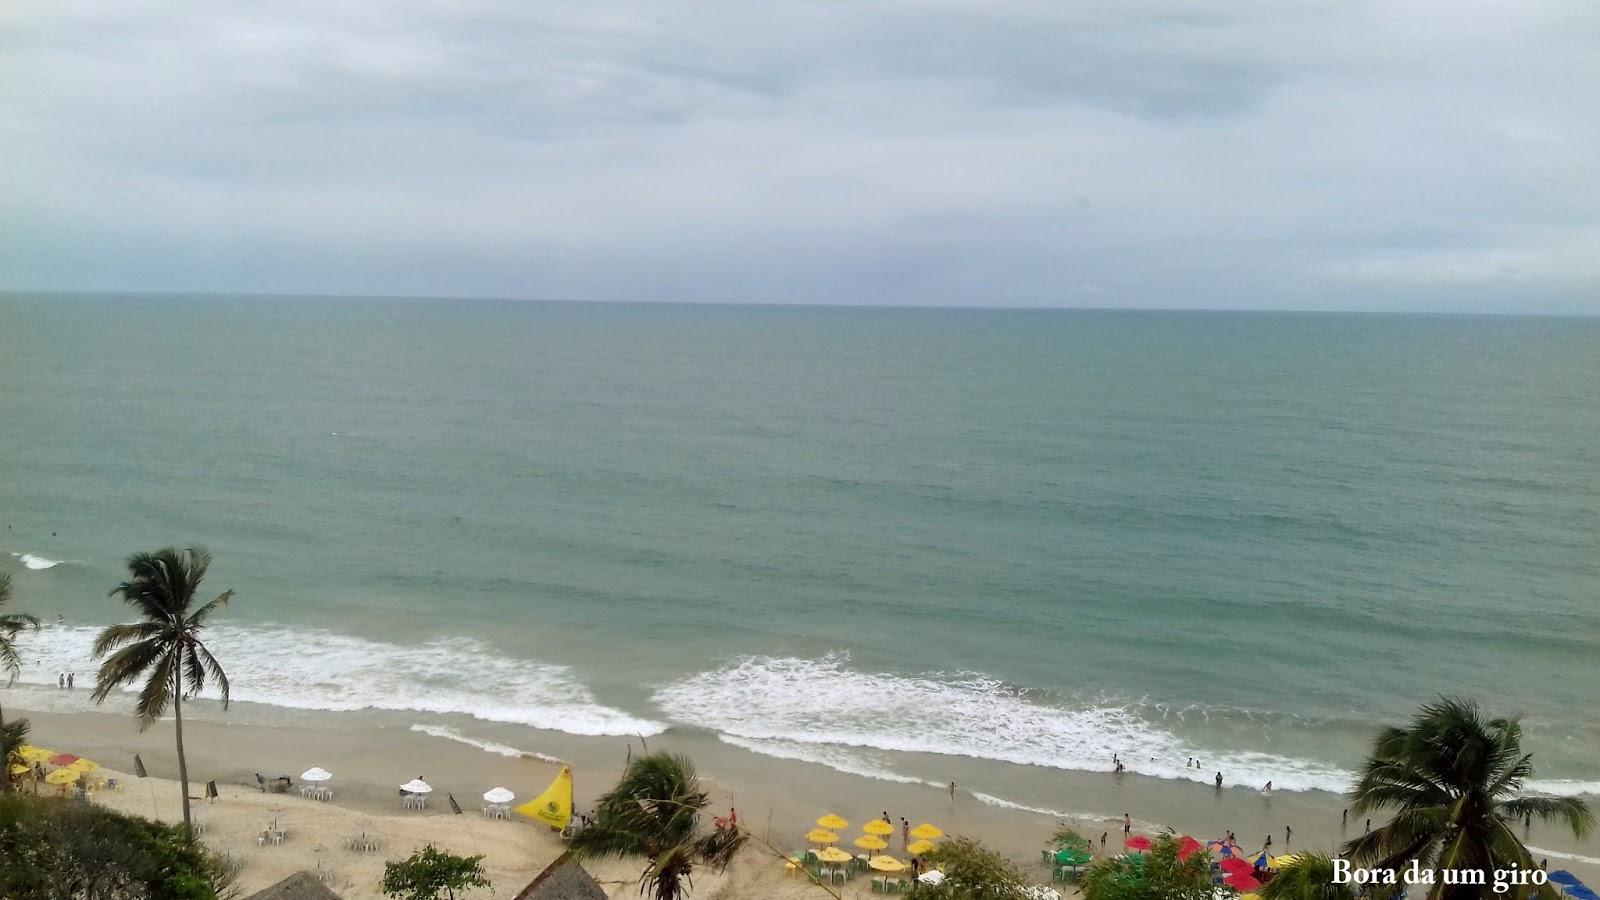 Praia de Lagoinha vídeo